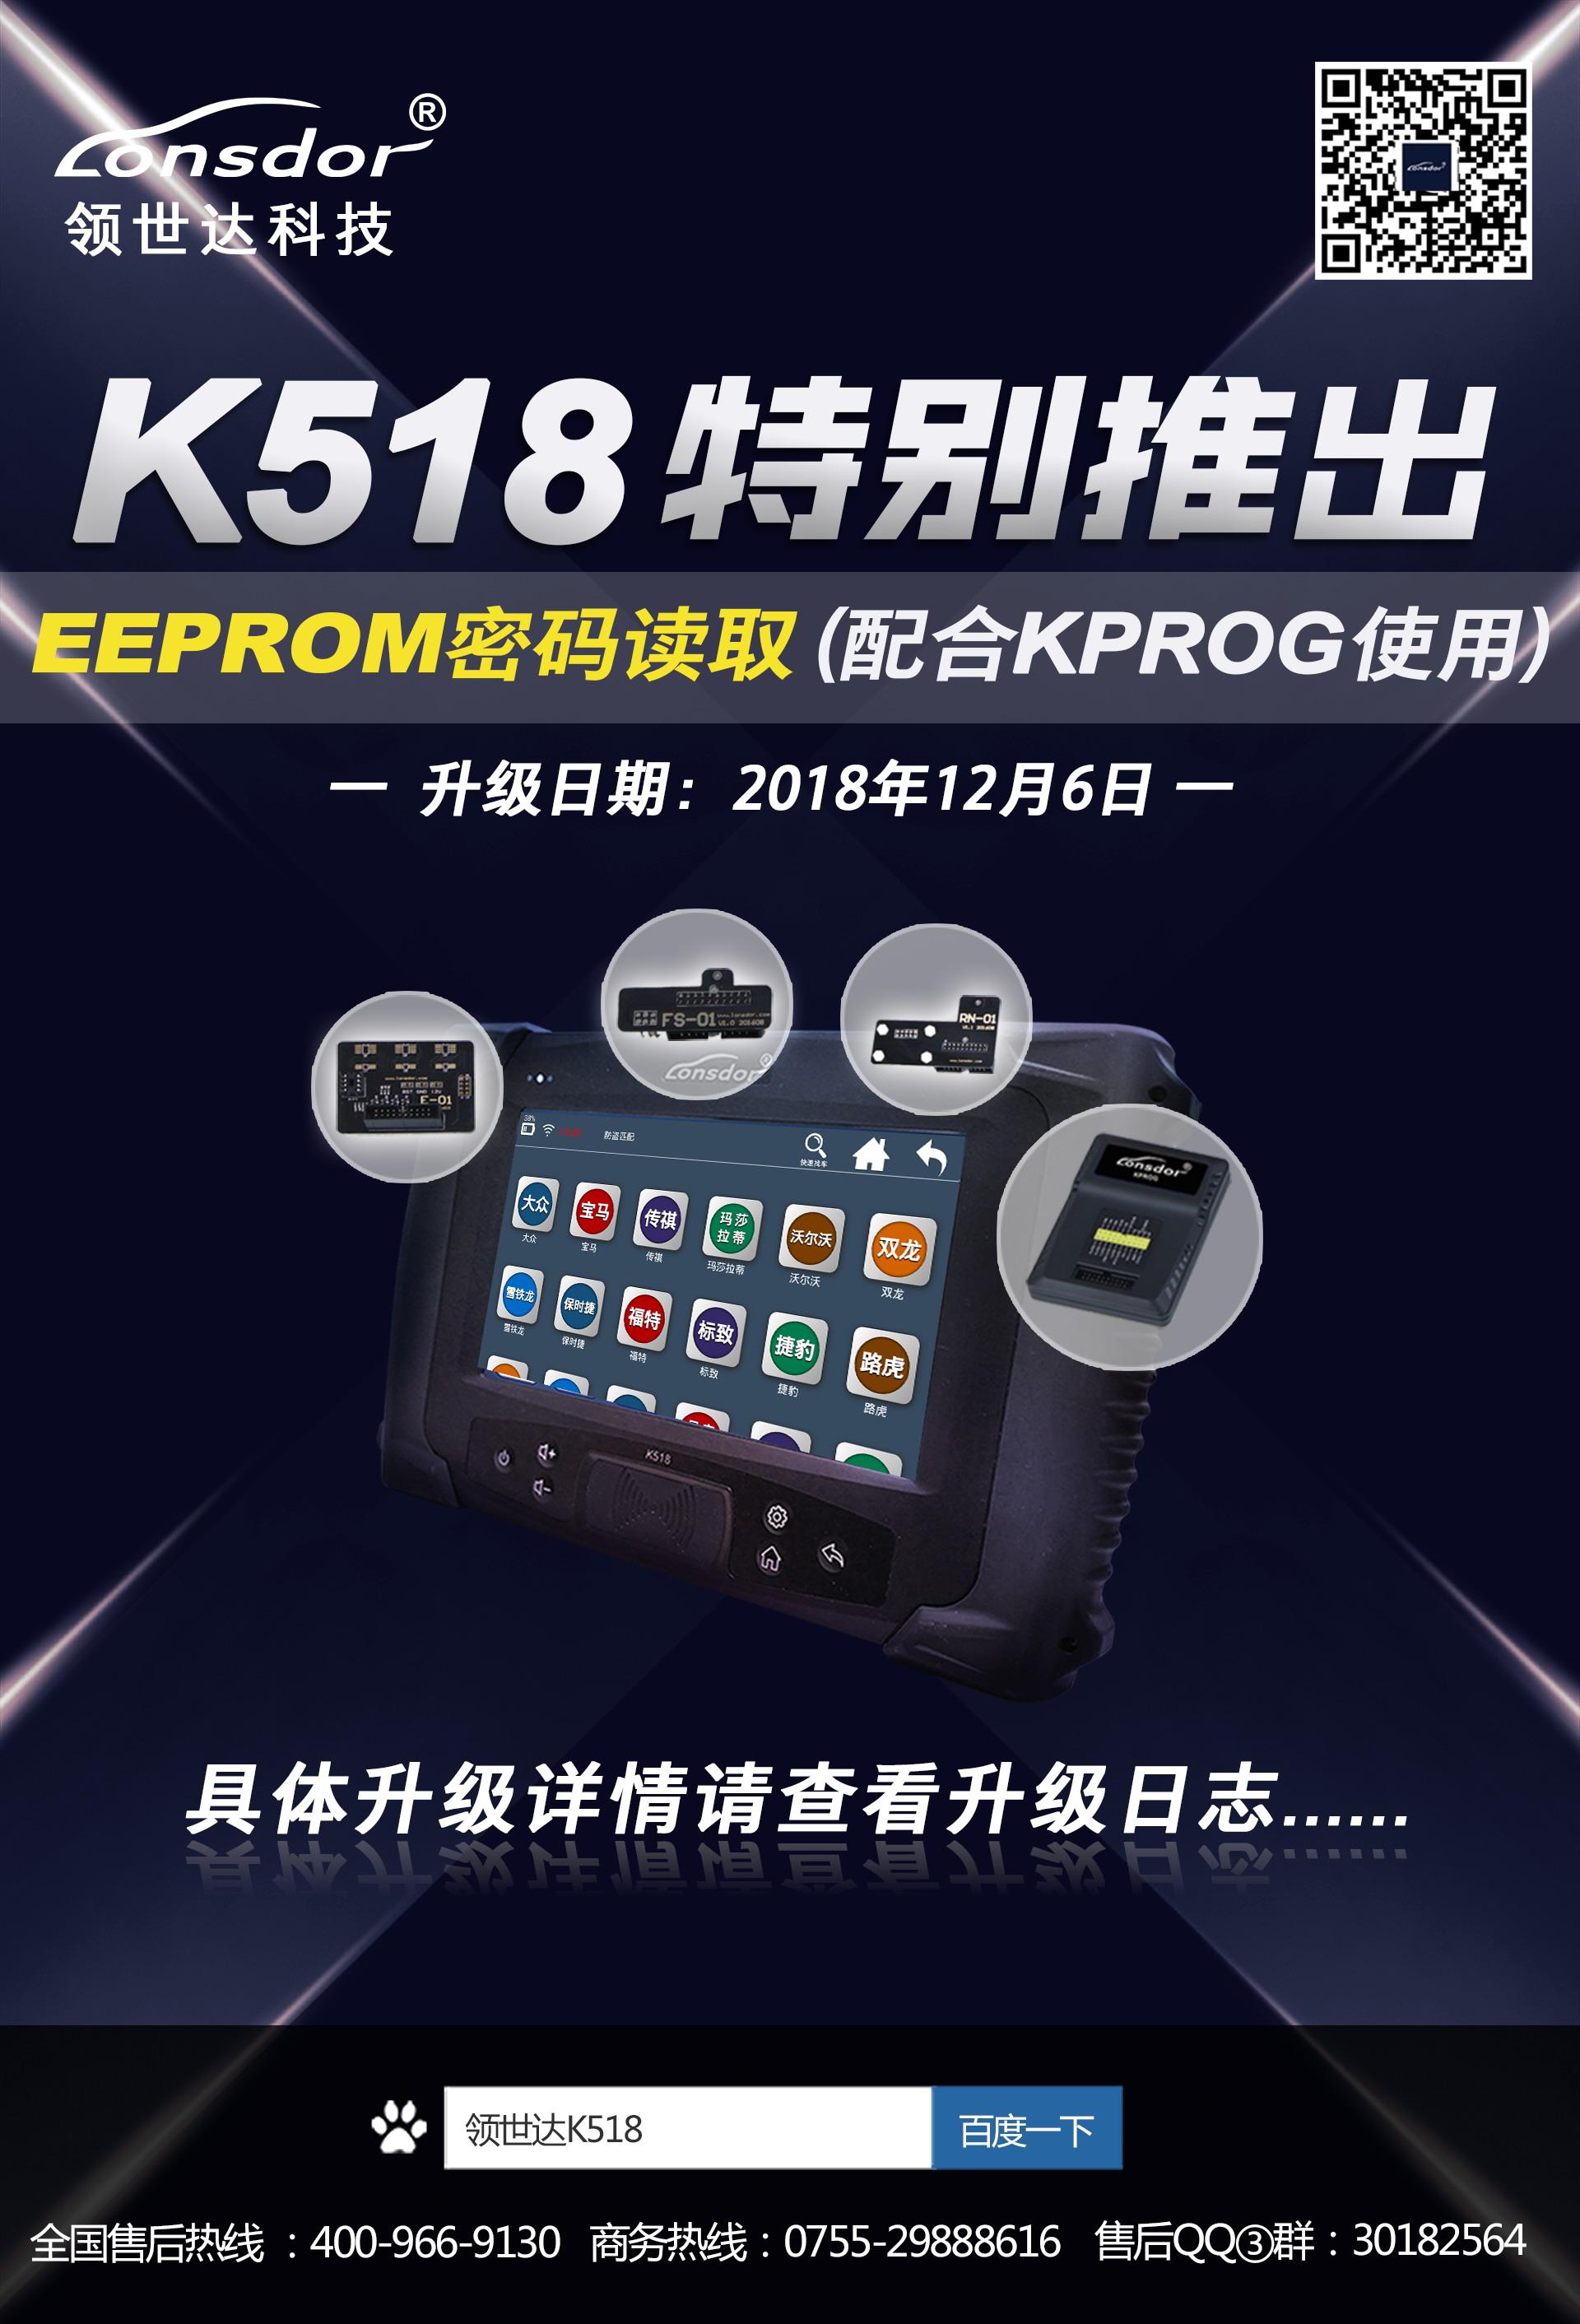 K518+KPROG宣传